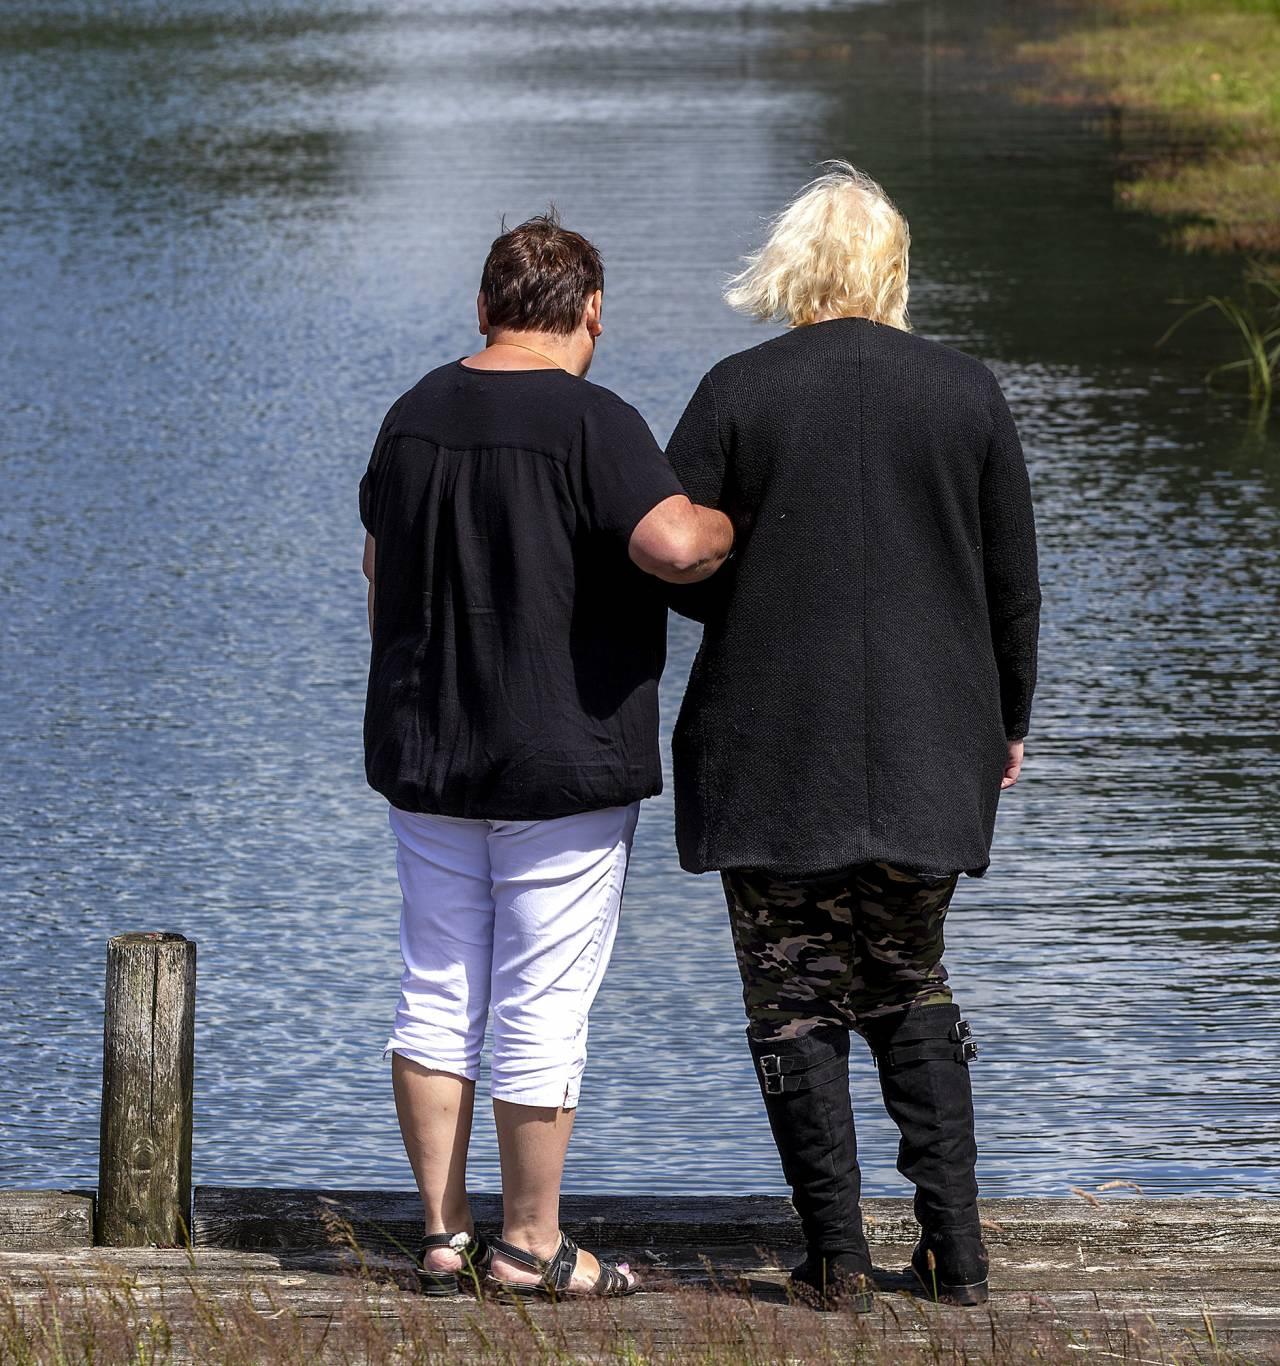 Helles aska speds i vattnet. Här står Helle med en annan människa och tänker på dottern.